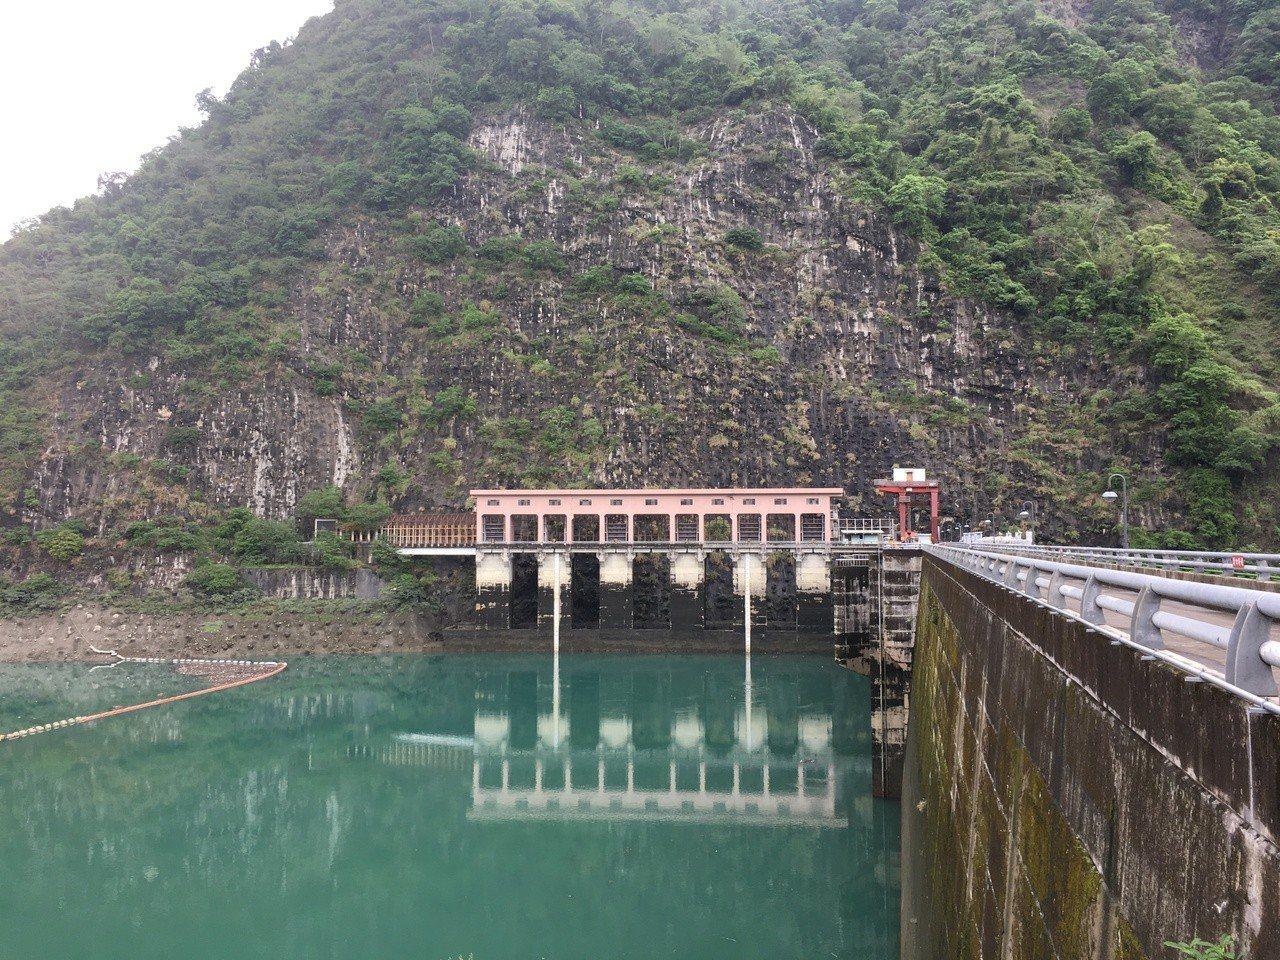 日月潭來的水發完電後,注入明潭。圖為發完電的排水口,若發電中,水位就會持續上升。...